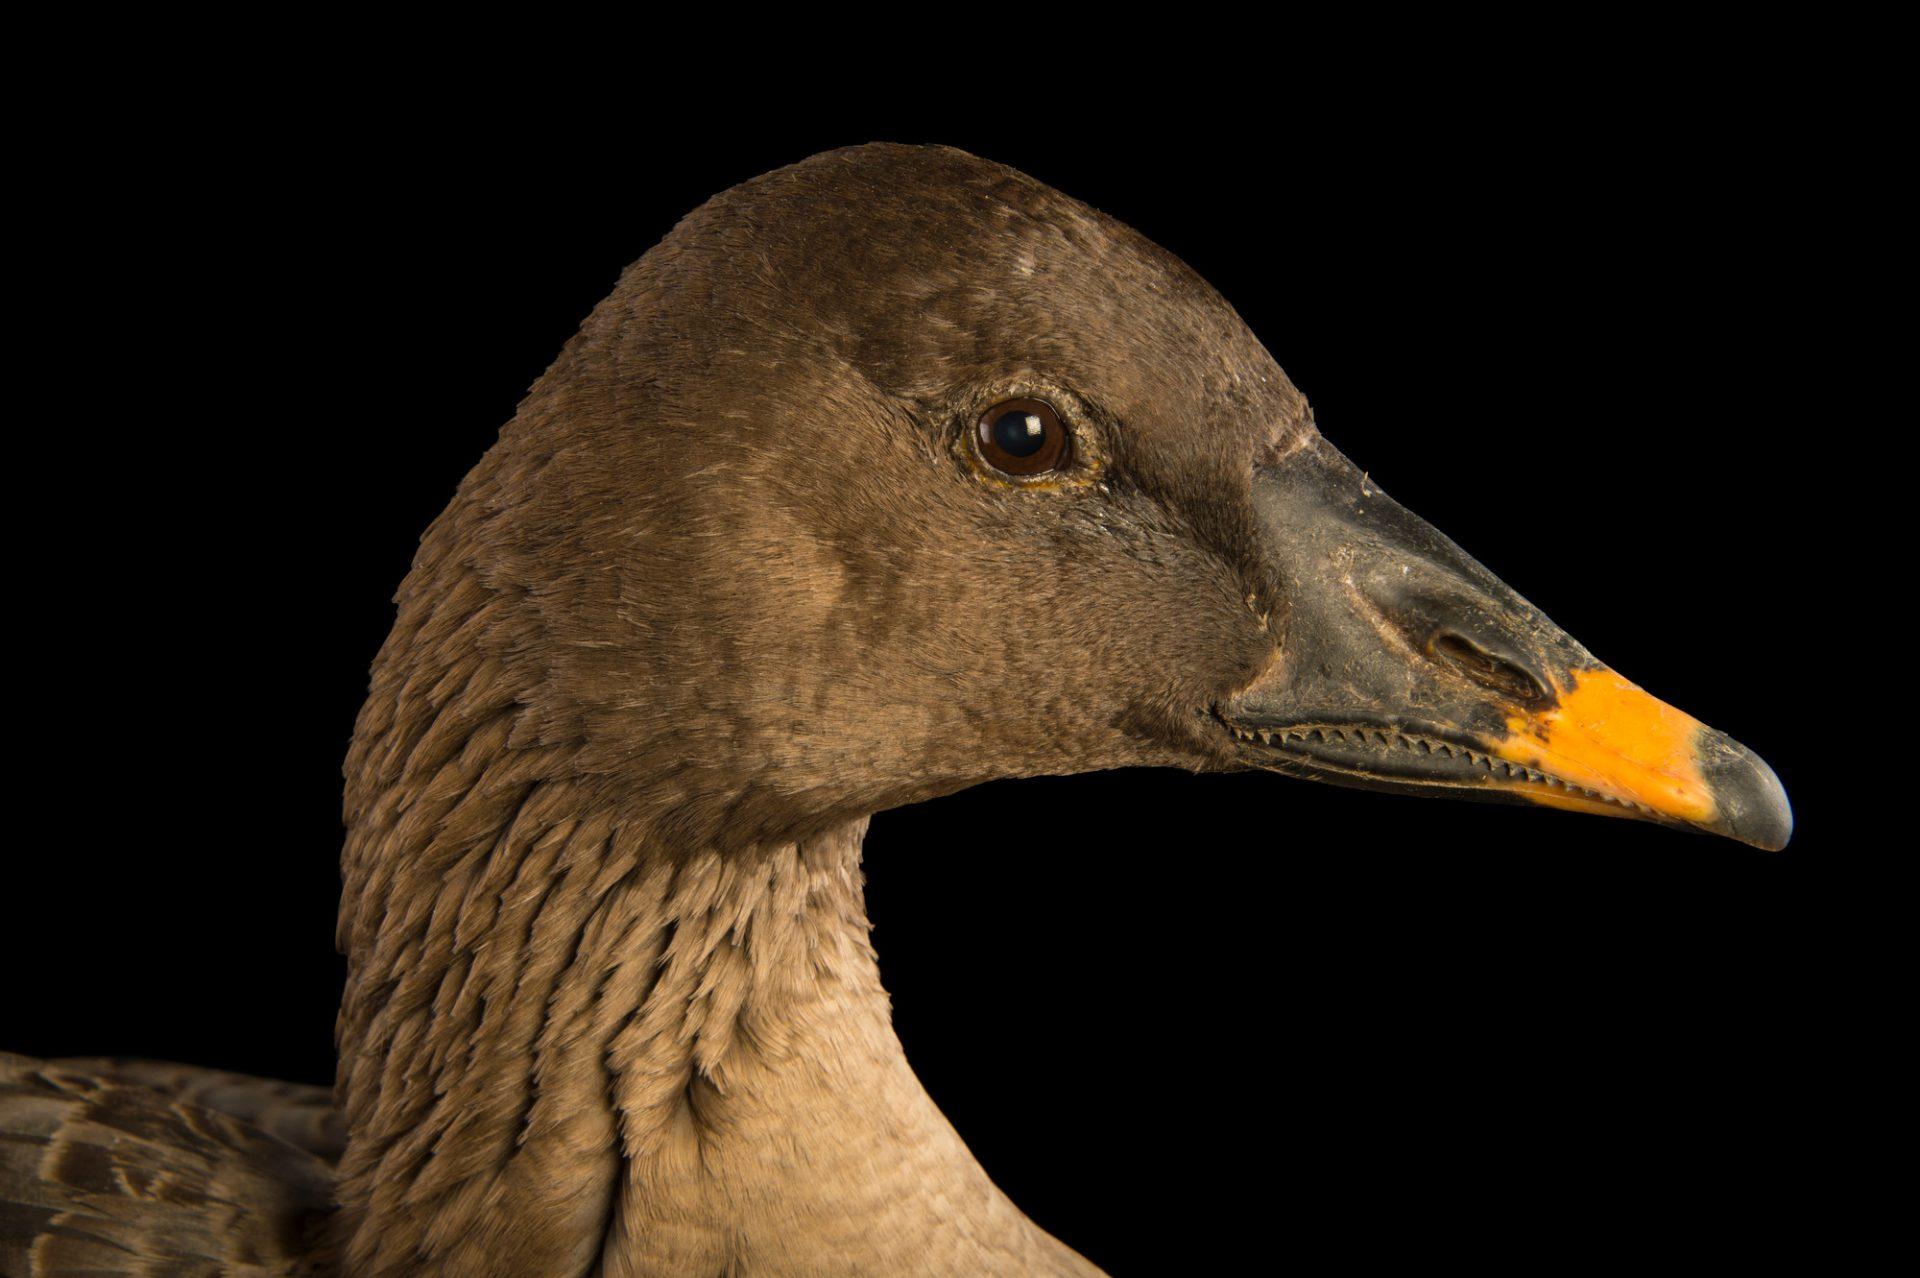 Photo: A bean goose (Anser fabalis) at the Plzen Zoo.